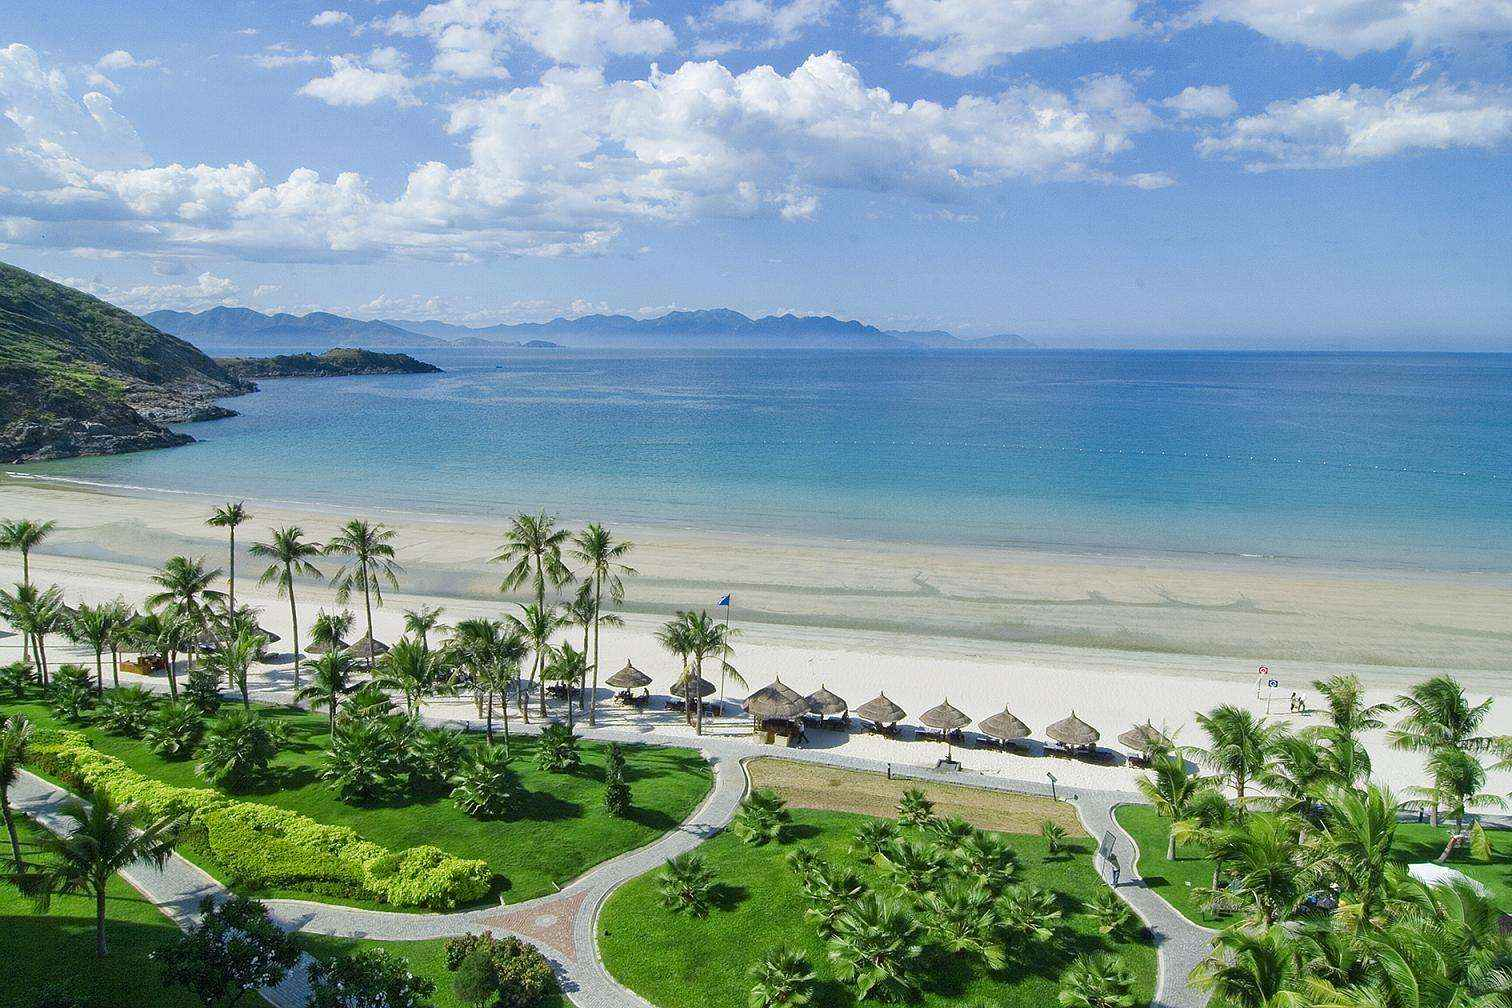 Bãi biển siêu đẹp, biển xanh, cát trắng, nắng vàng